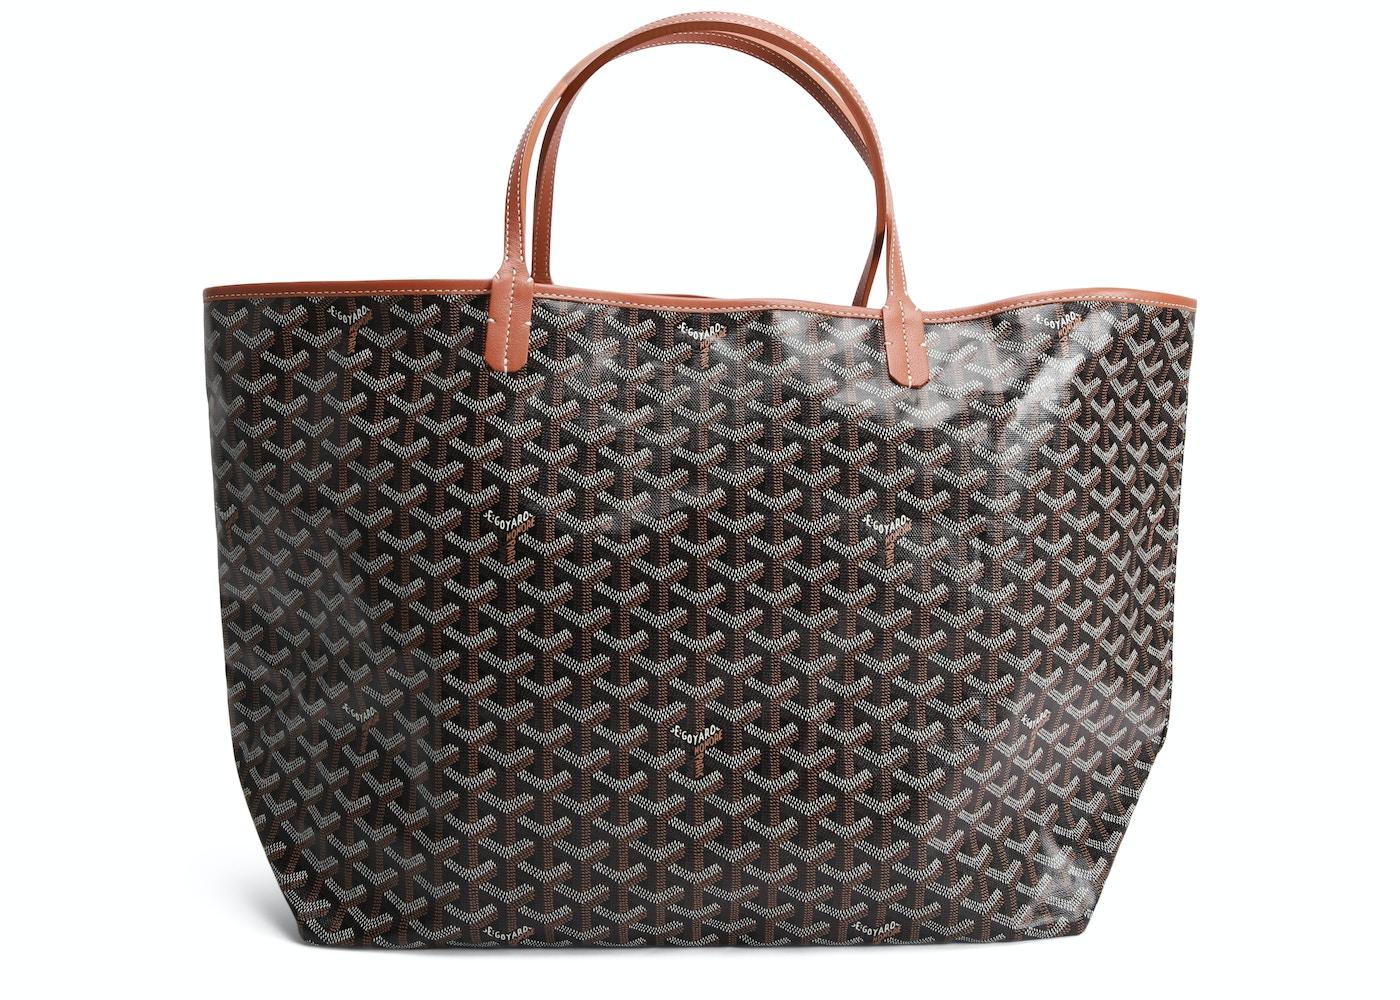 new design outlet boutique exclusive shoes Goyard Saint Louis Tote Goyardine GM Black/Tan